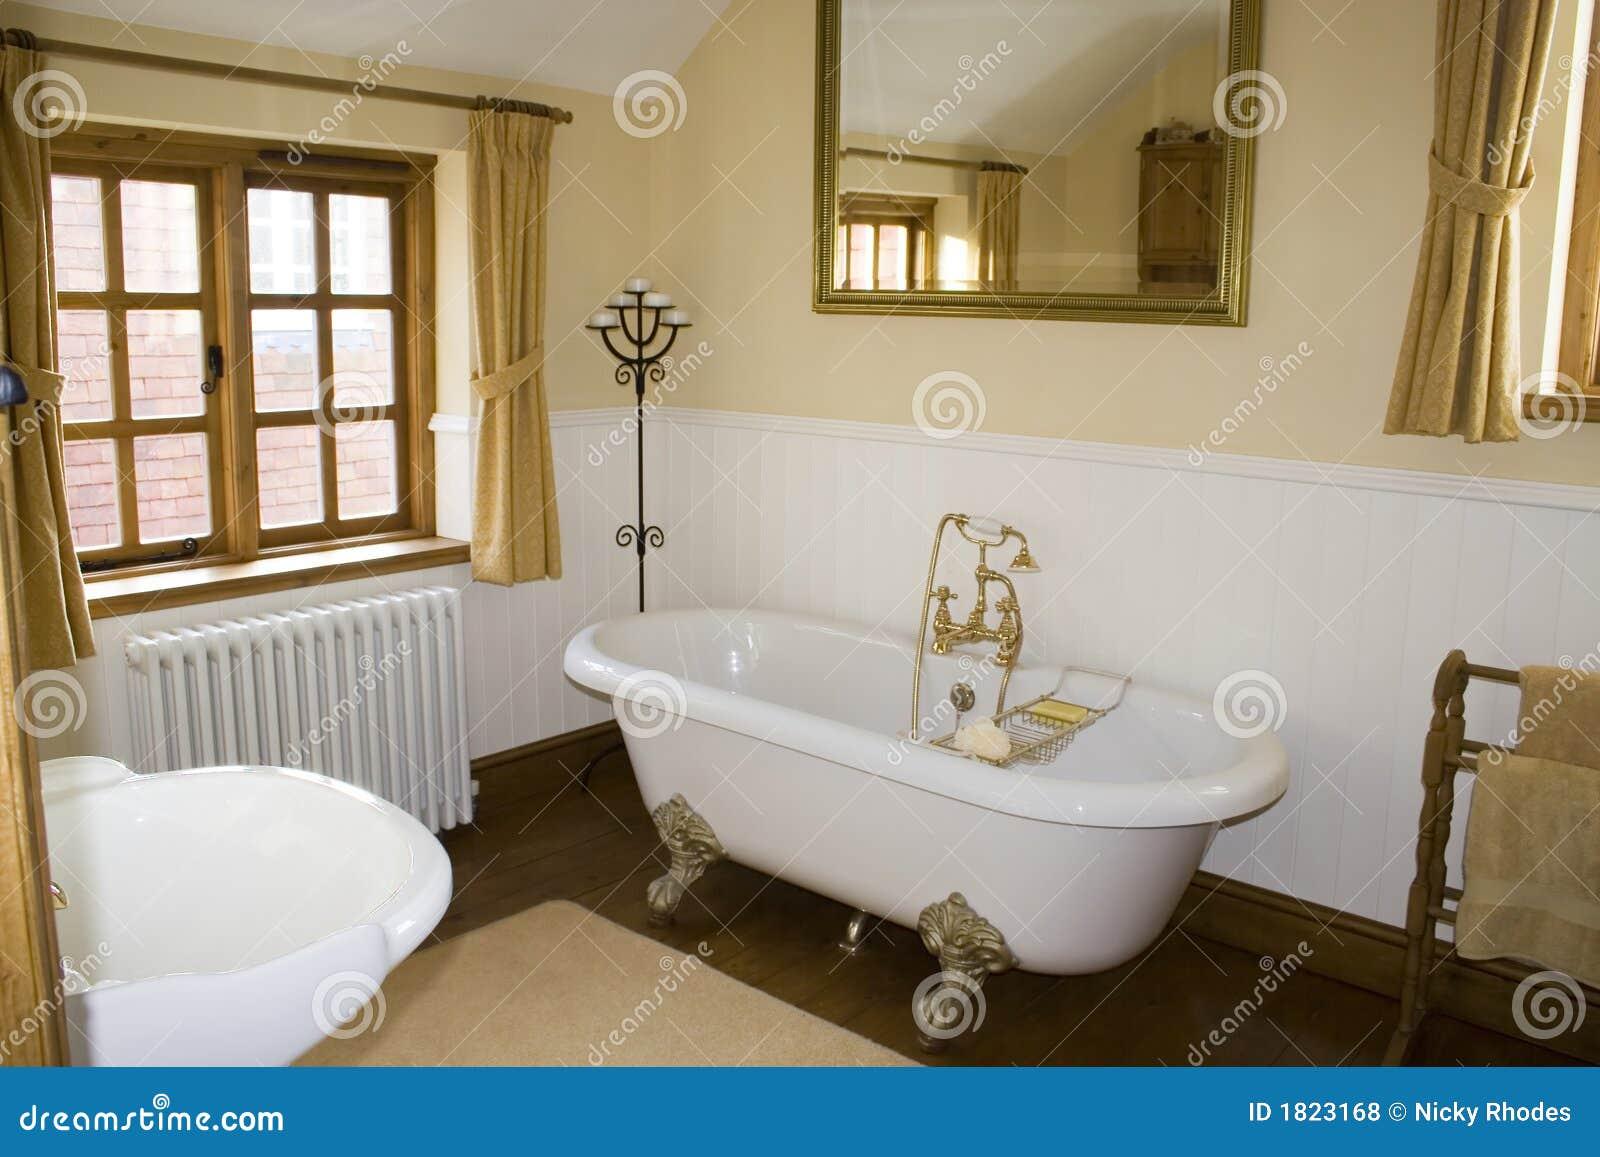 Stanza da bagno di lusso fotografia stock immagine di cottage 1823168 - Stanza da bagno ...